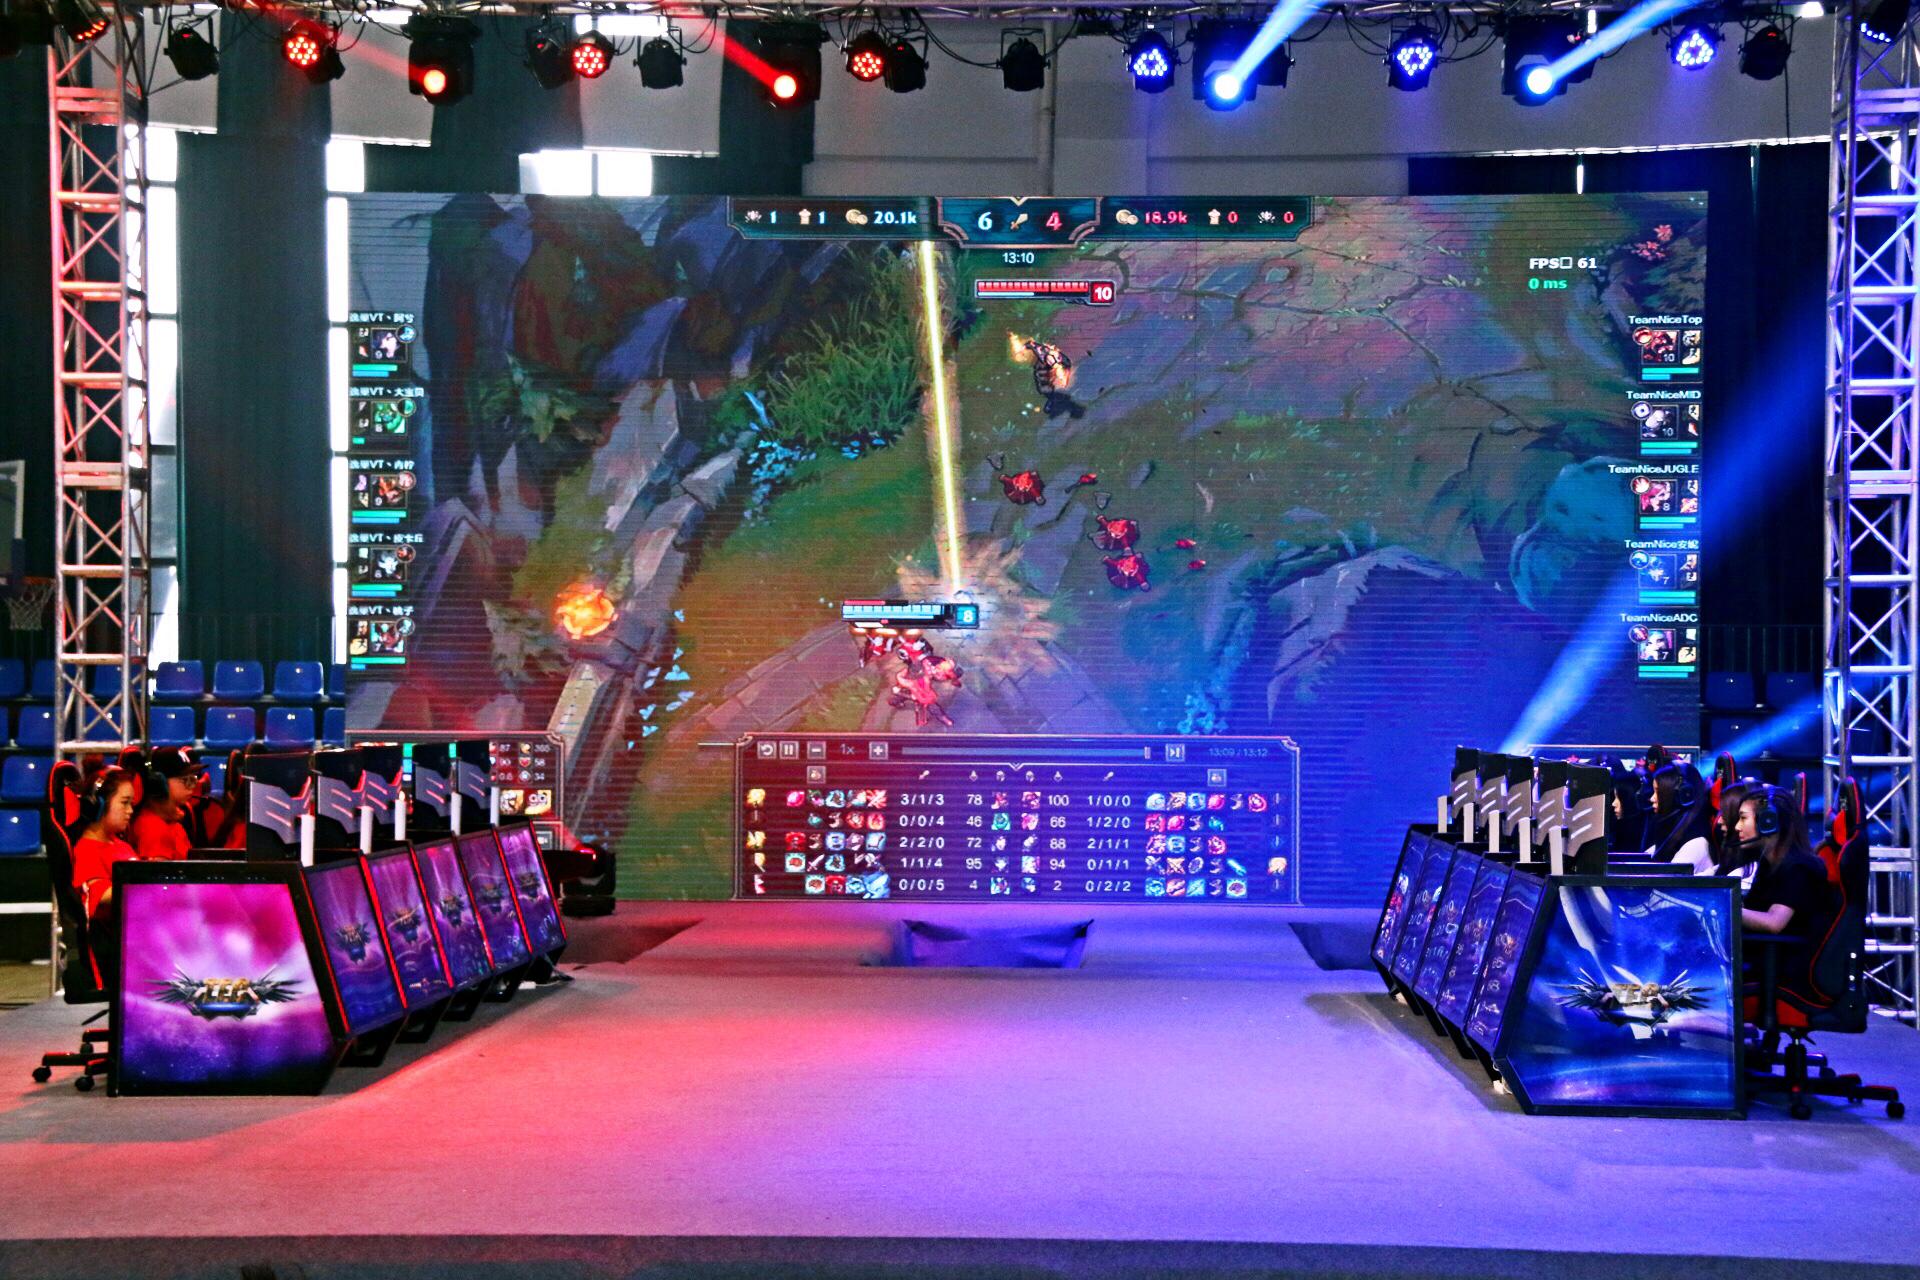 本次运动的推进对于拓展台州市电子竞技发展规范a体育大赛,举办体育开封大学舞蹈电子专业图片